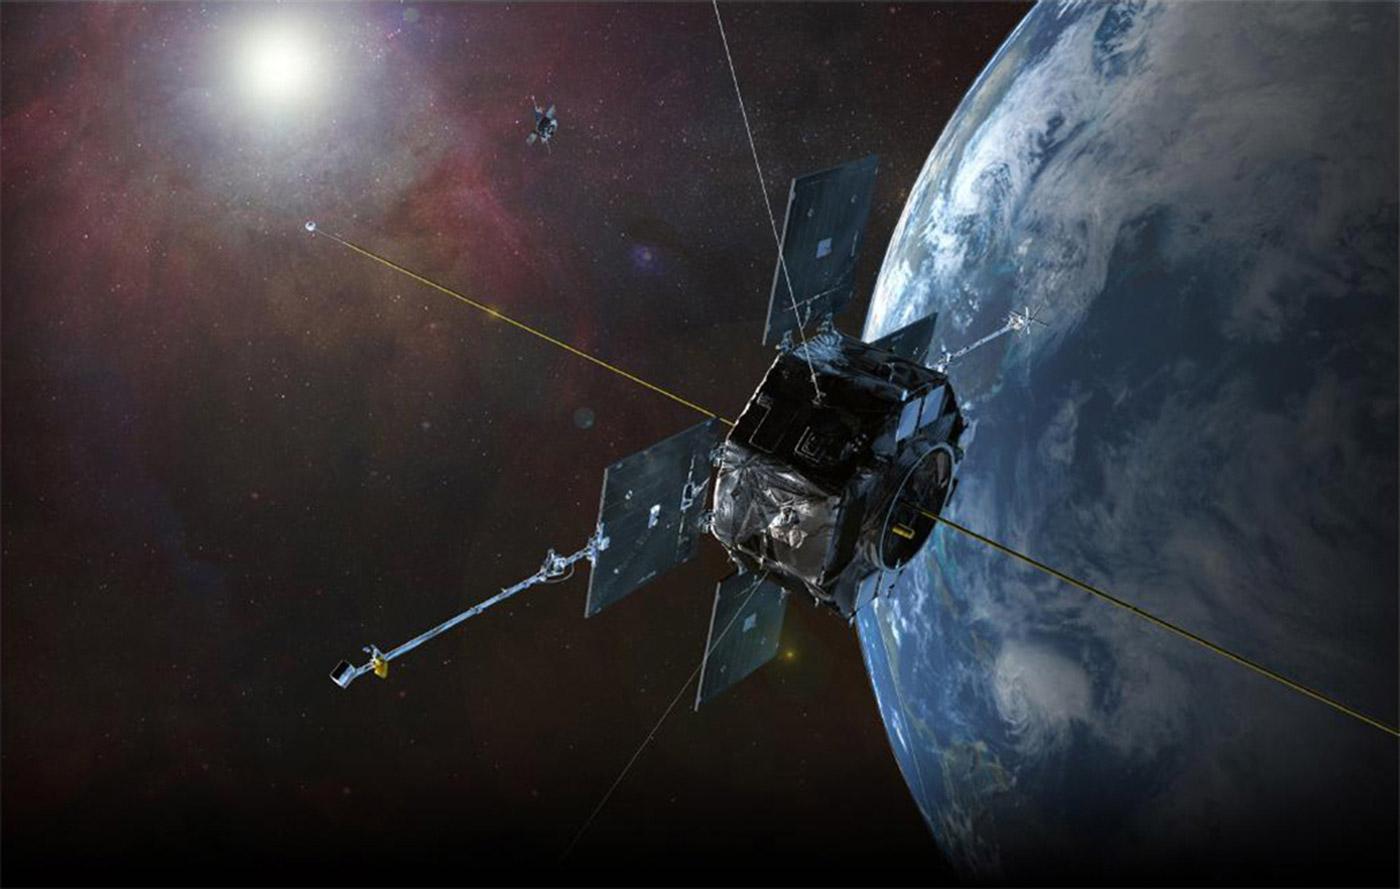 NASA's probes shed light on the Van Allen radiation belt